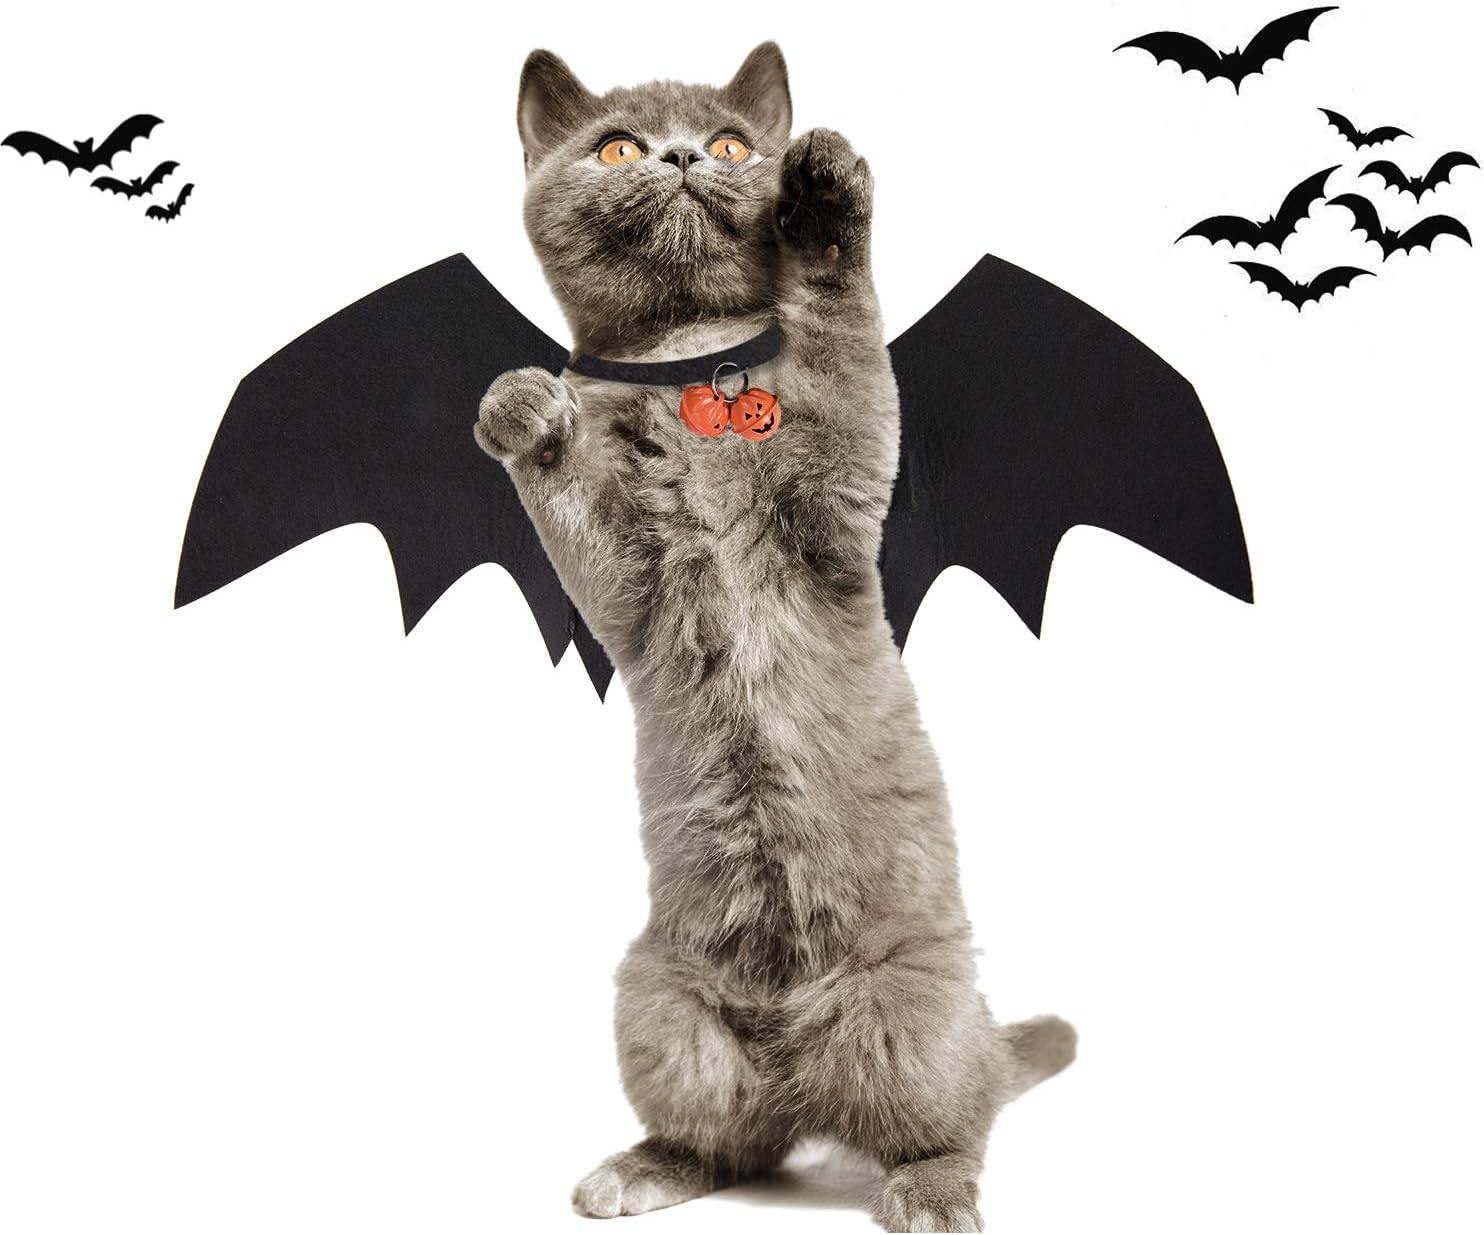 KATELUO alas de murciélago de Mascotas, Pet Halloween Bat Wings Disfraz, Cat Bat Wings con Campanas de Calabaza, Ideal para Fiesta de Cosplay de Halloween de Cachorro, Perro y Gato (M)